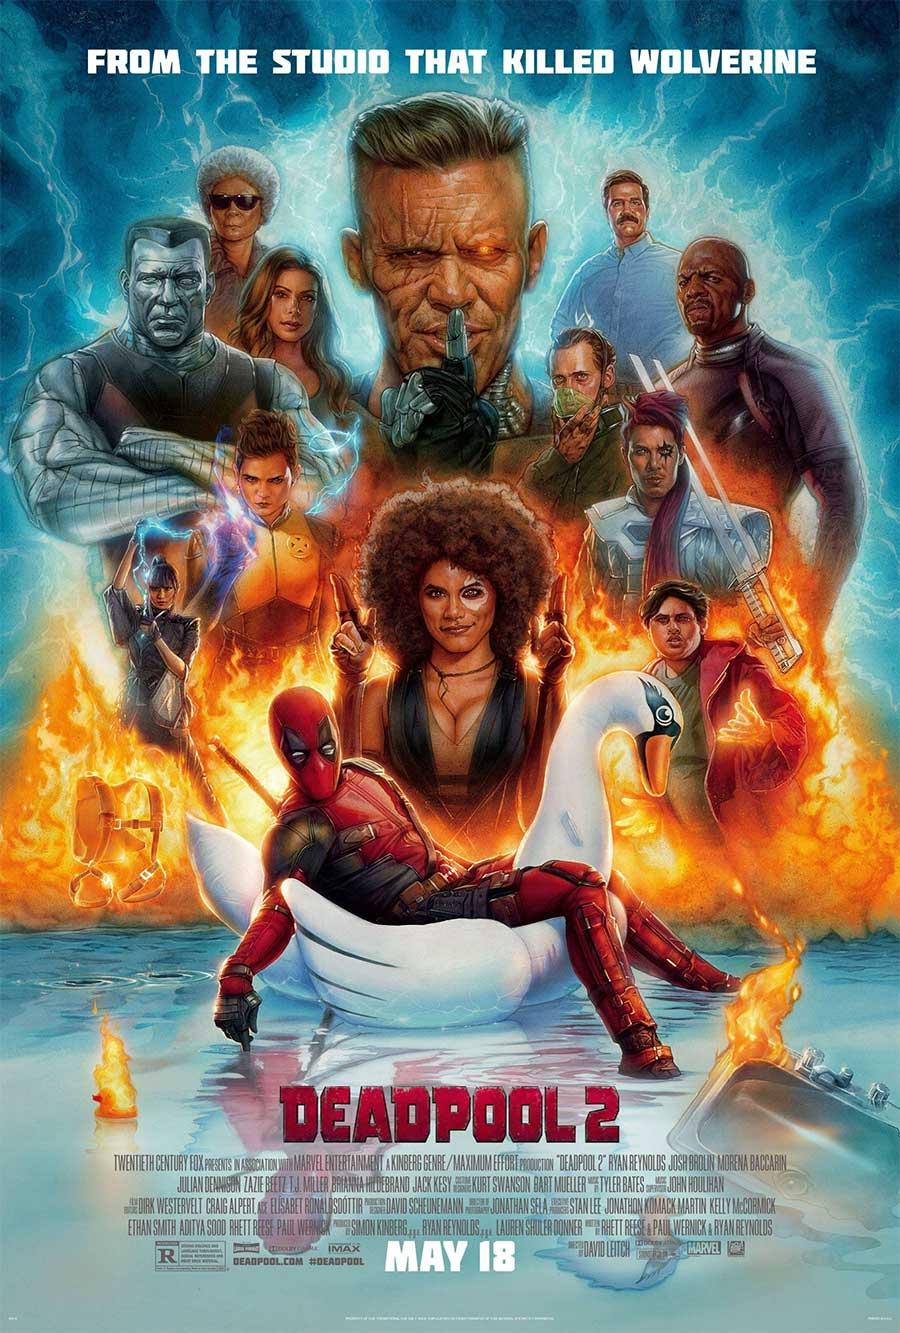 Poster for Deadpool 2